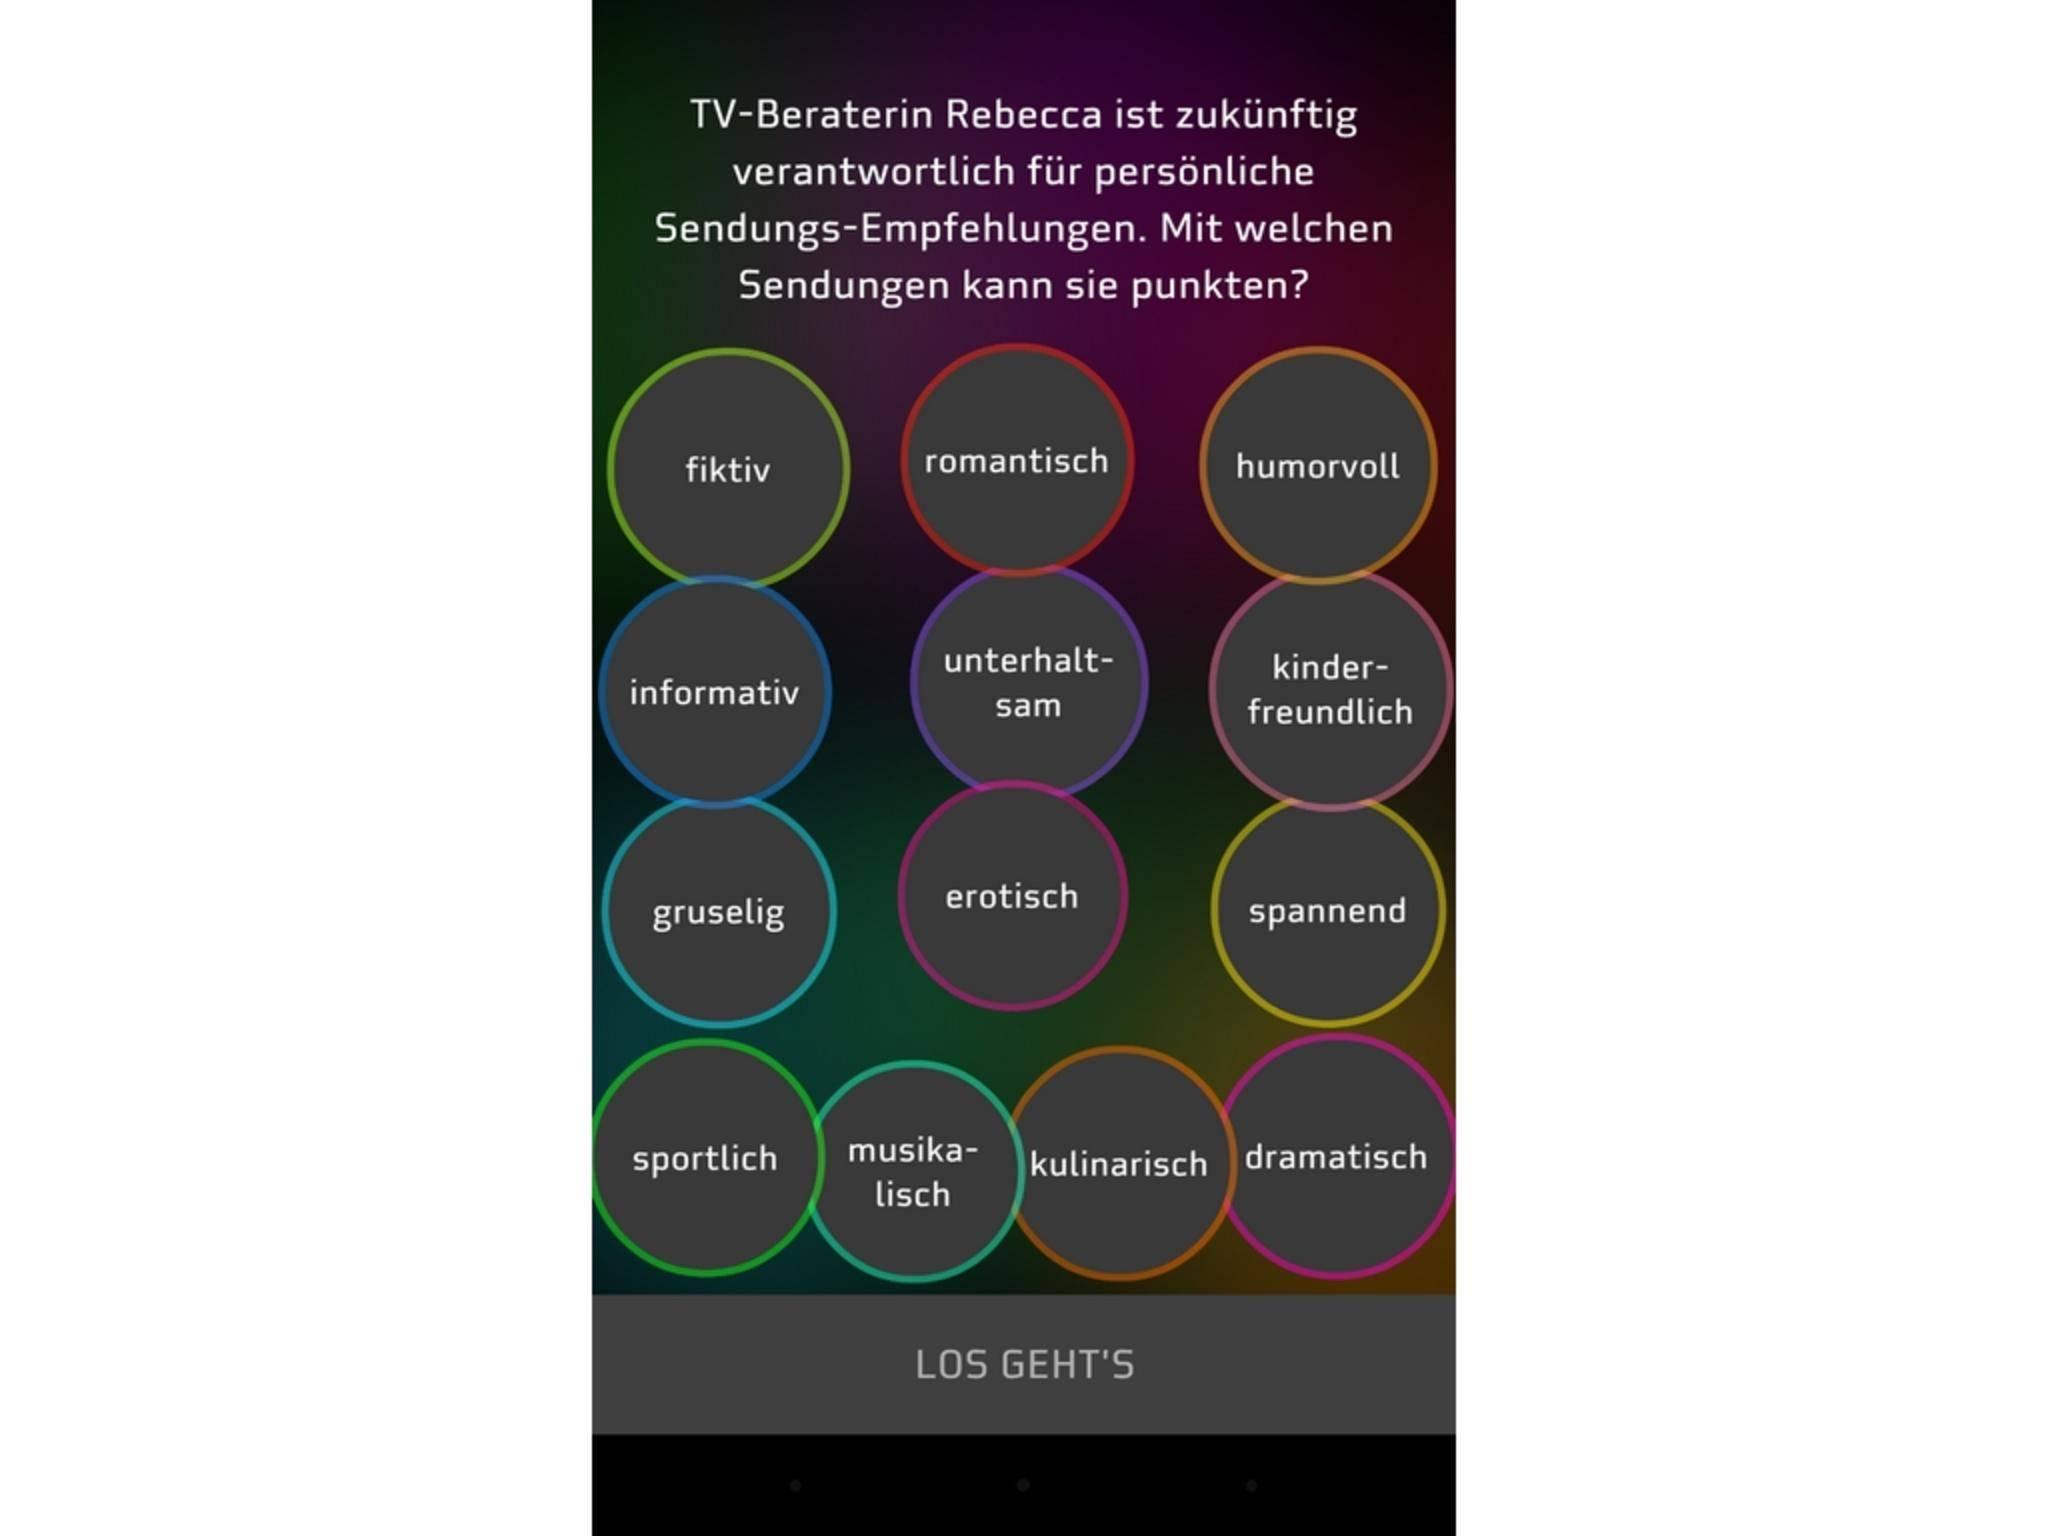 HD+ lässt den Nutzer die Wahl der beliebtesten Genres.